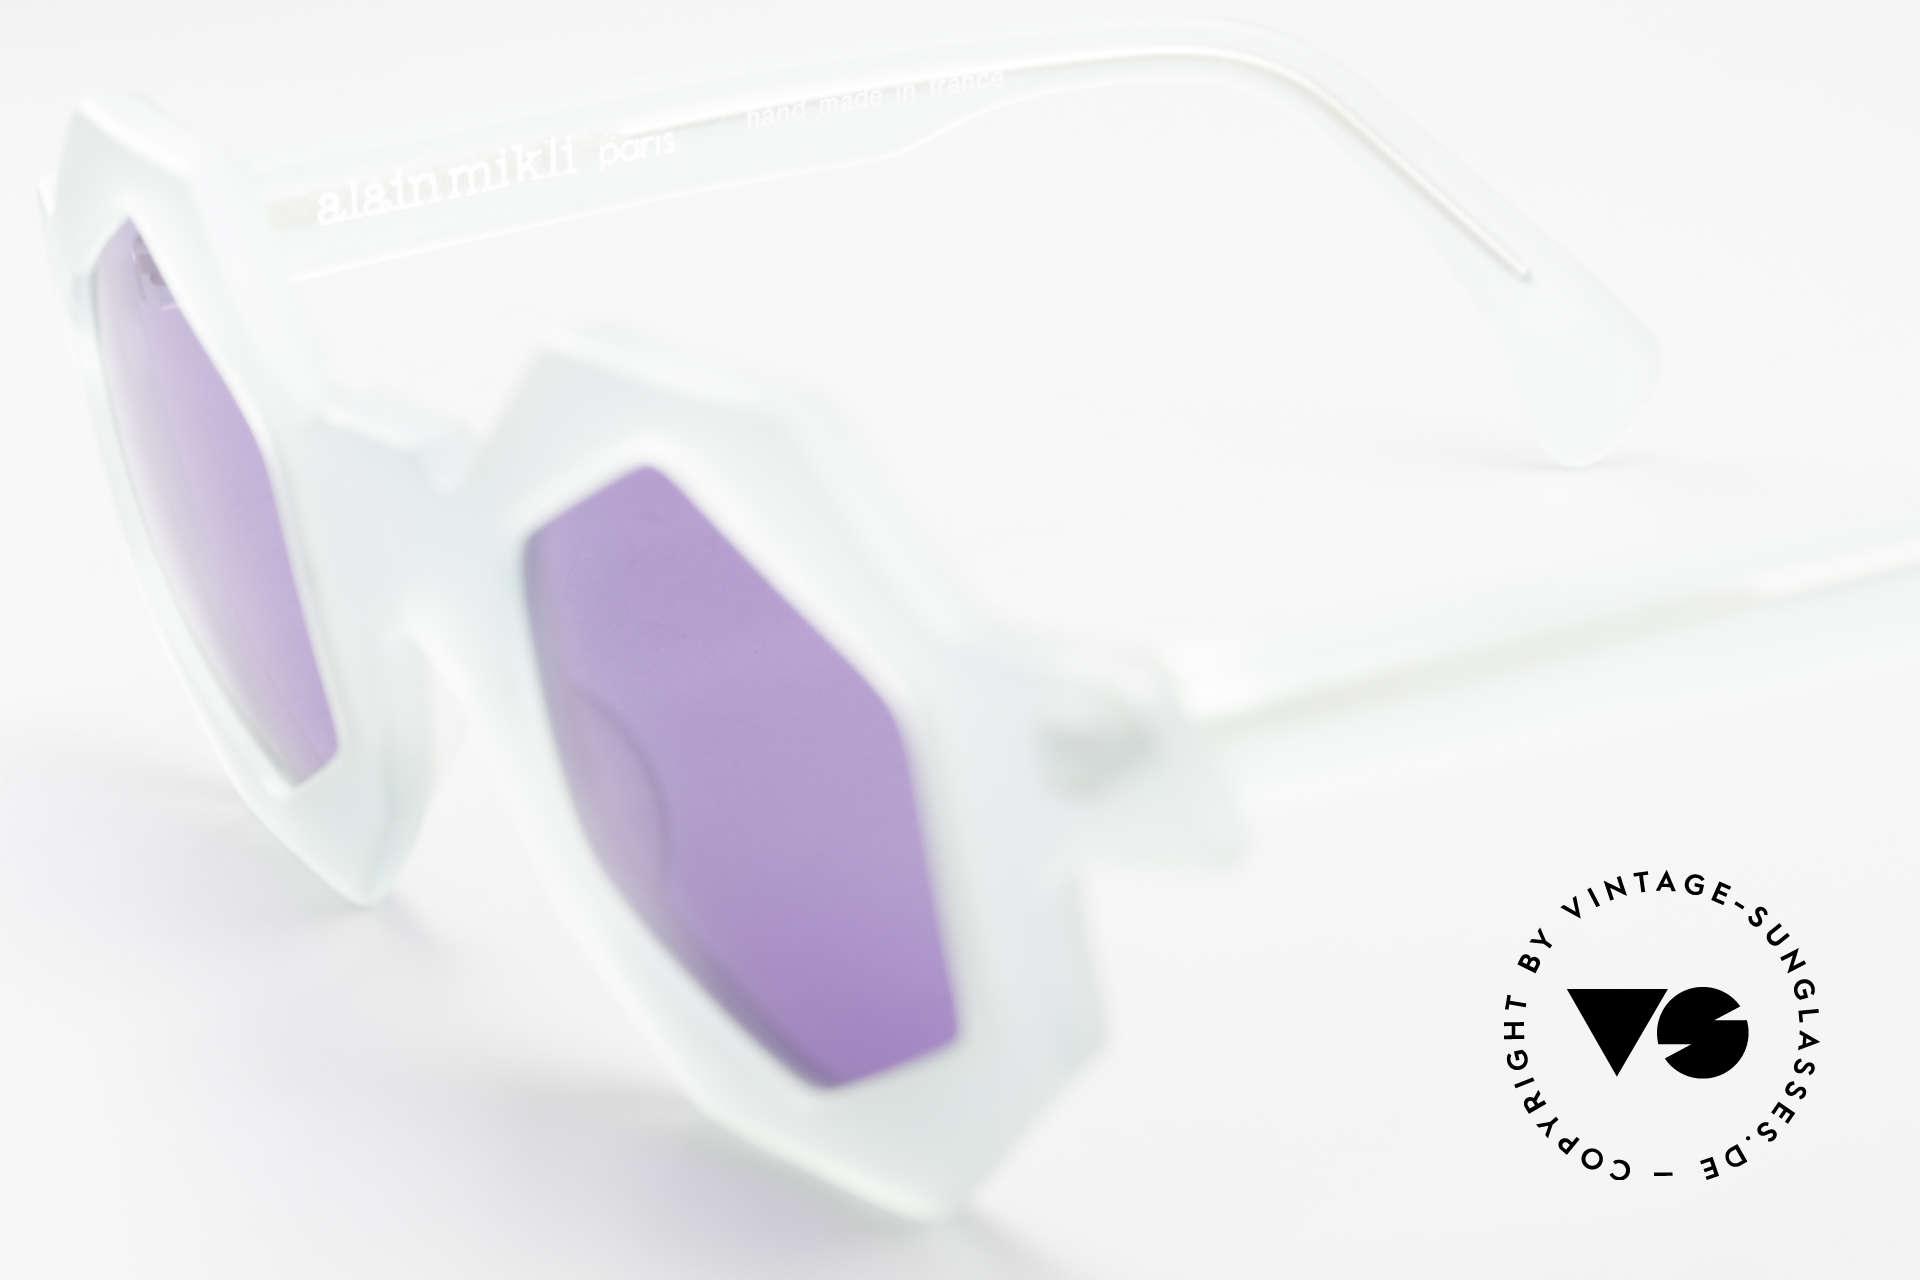 Alain Mikli 0157 / 932 Sechseckige Sonnenbrille 80er, bläulich-transparenter Rahmen mit lila Gläsern, Passend für Damen